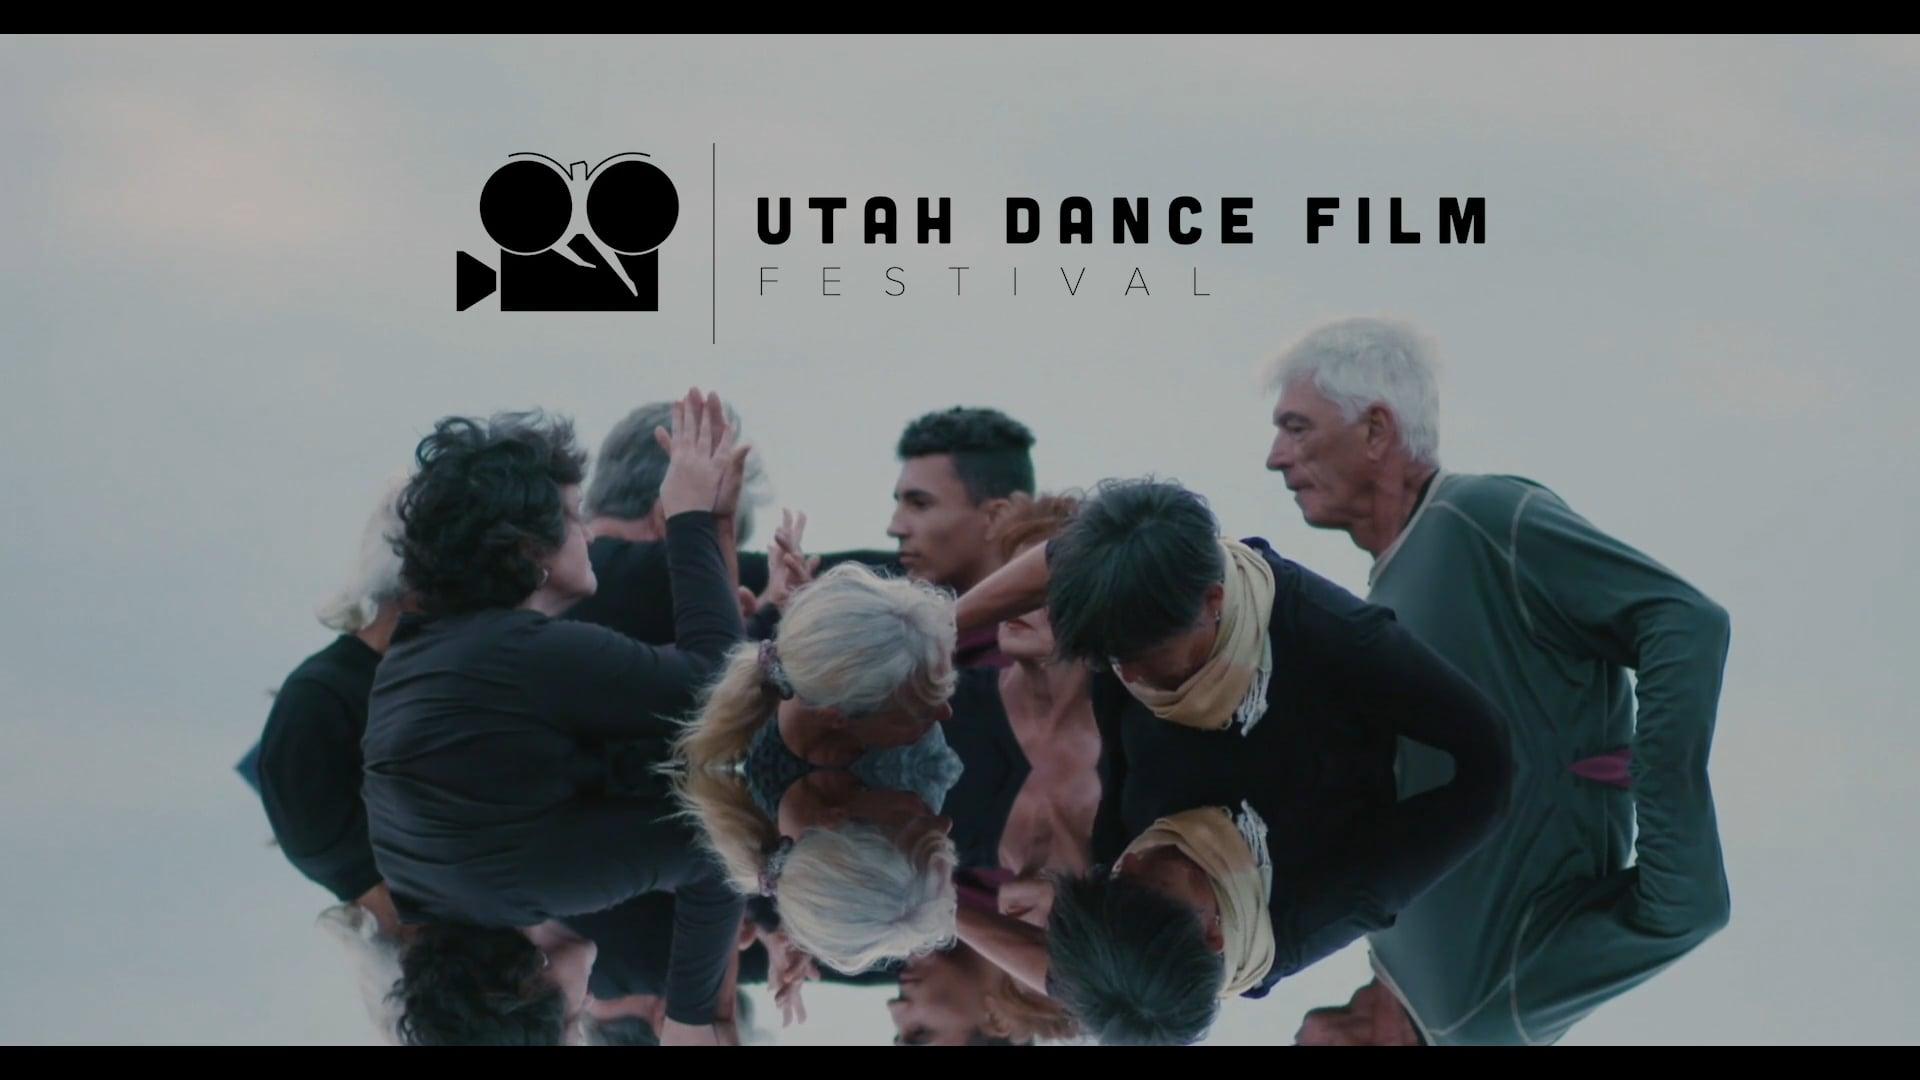 Utah Dance Film Festival Teaser